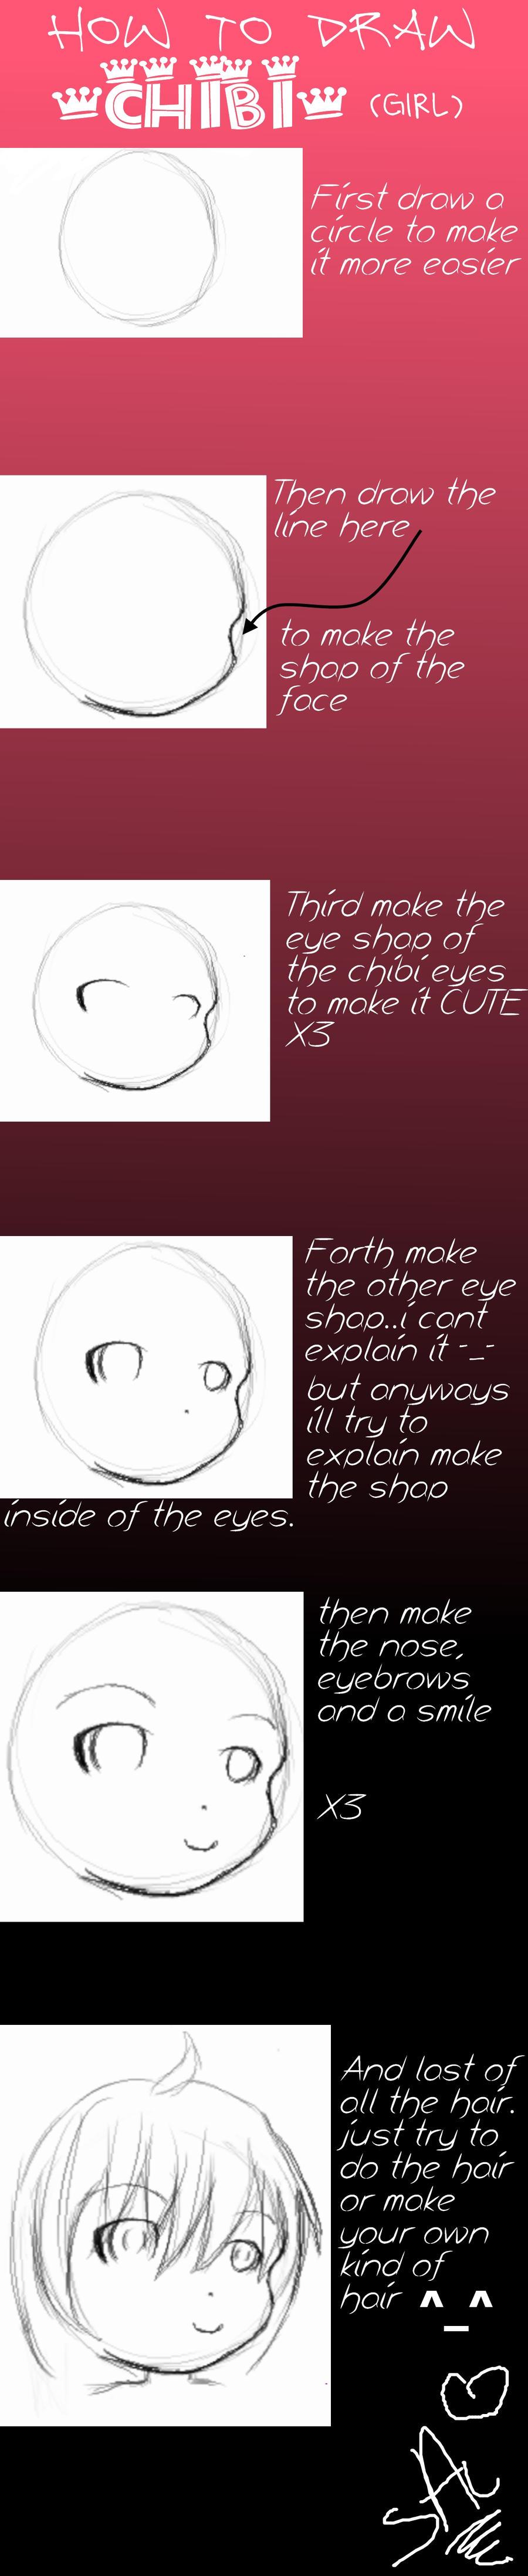 Sonamyanimeluver How To Draw Chibi Girl By Sonamyanimeluver